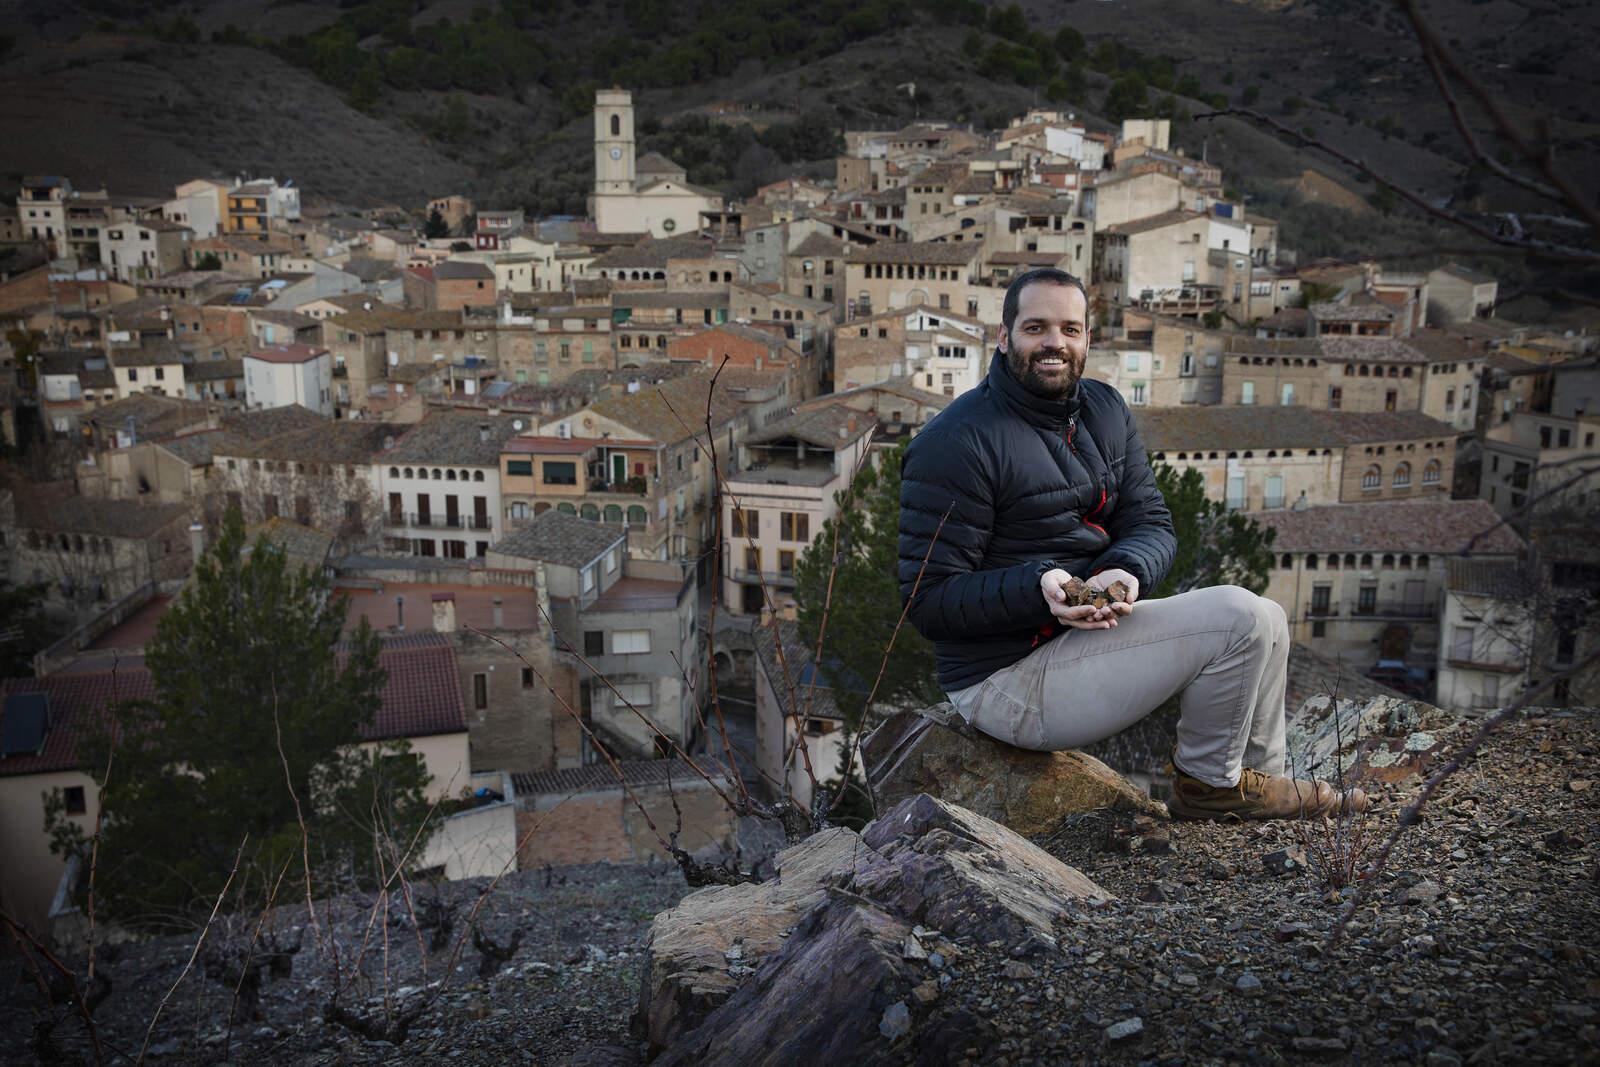 Albert Costa és l'Ànima de Vall Llach